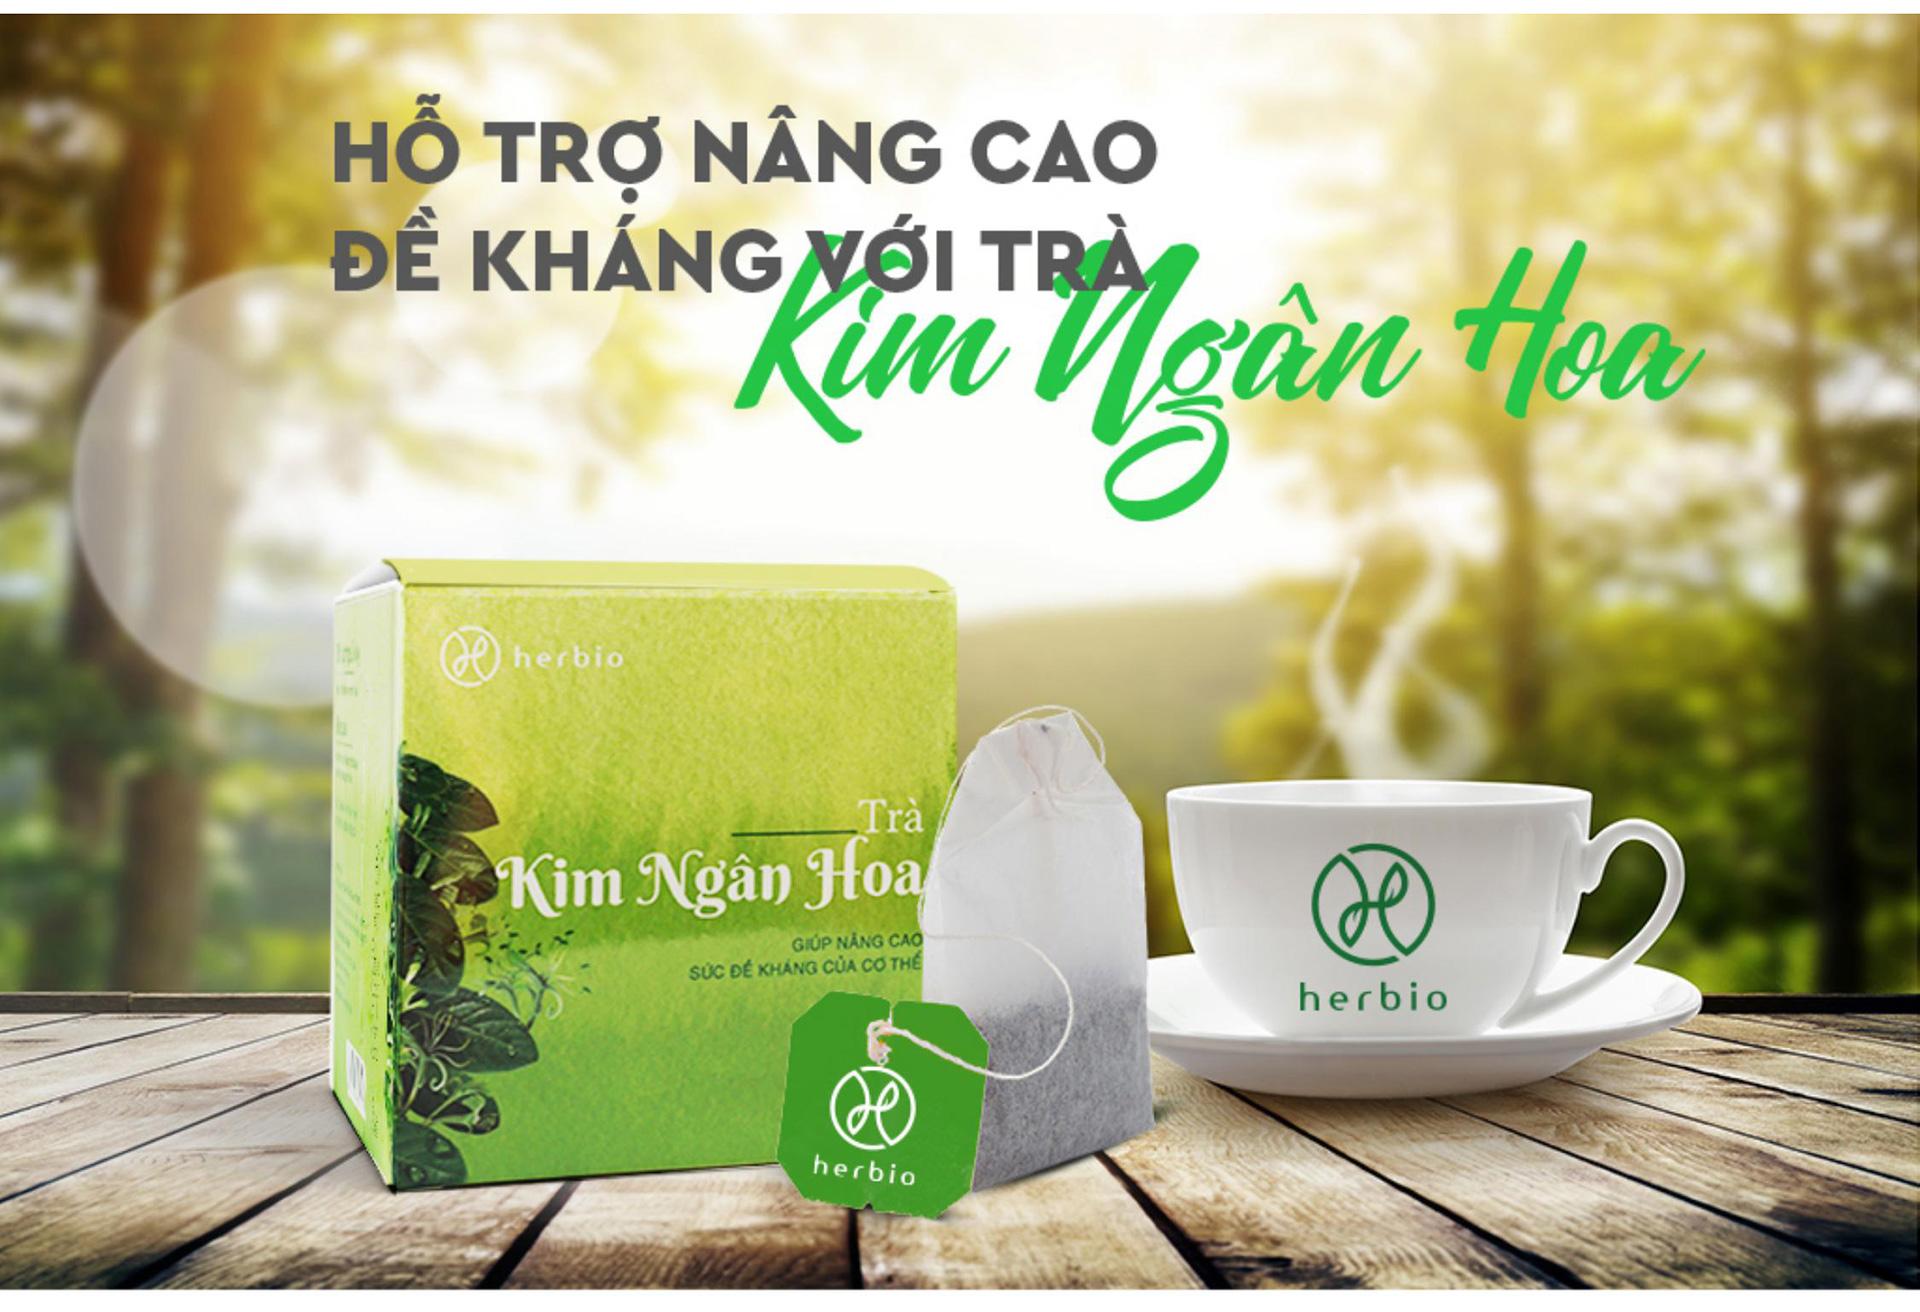 Nâng cao đề kháng trong mùa dịch bằng trà từ dược liệu quý - 6